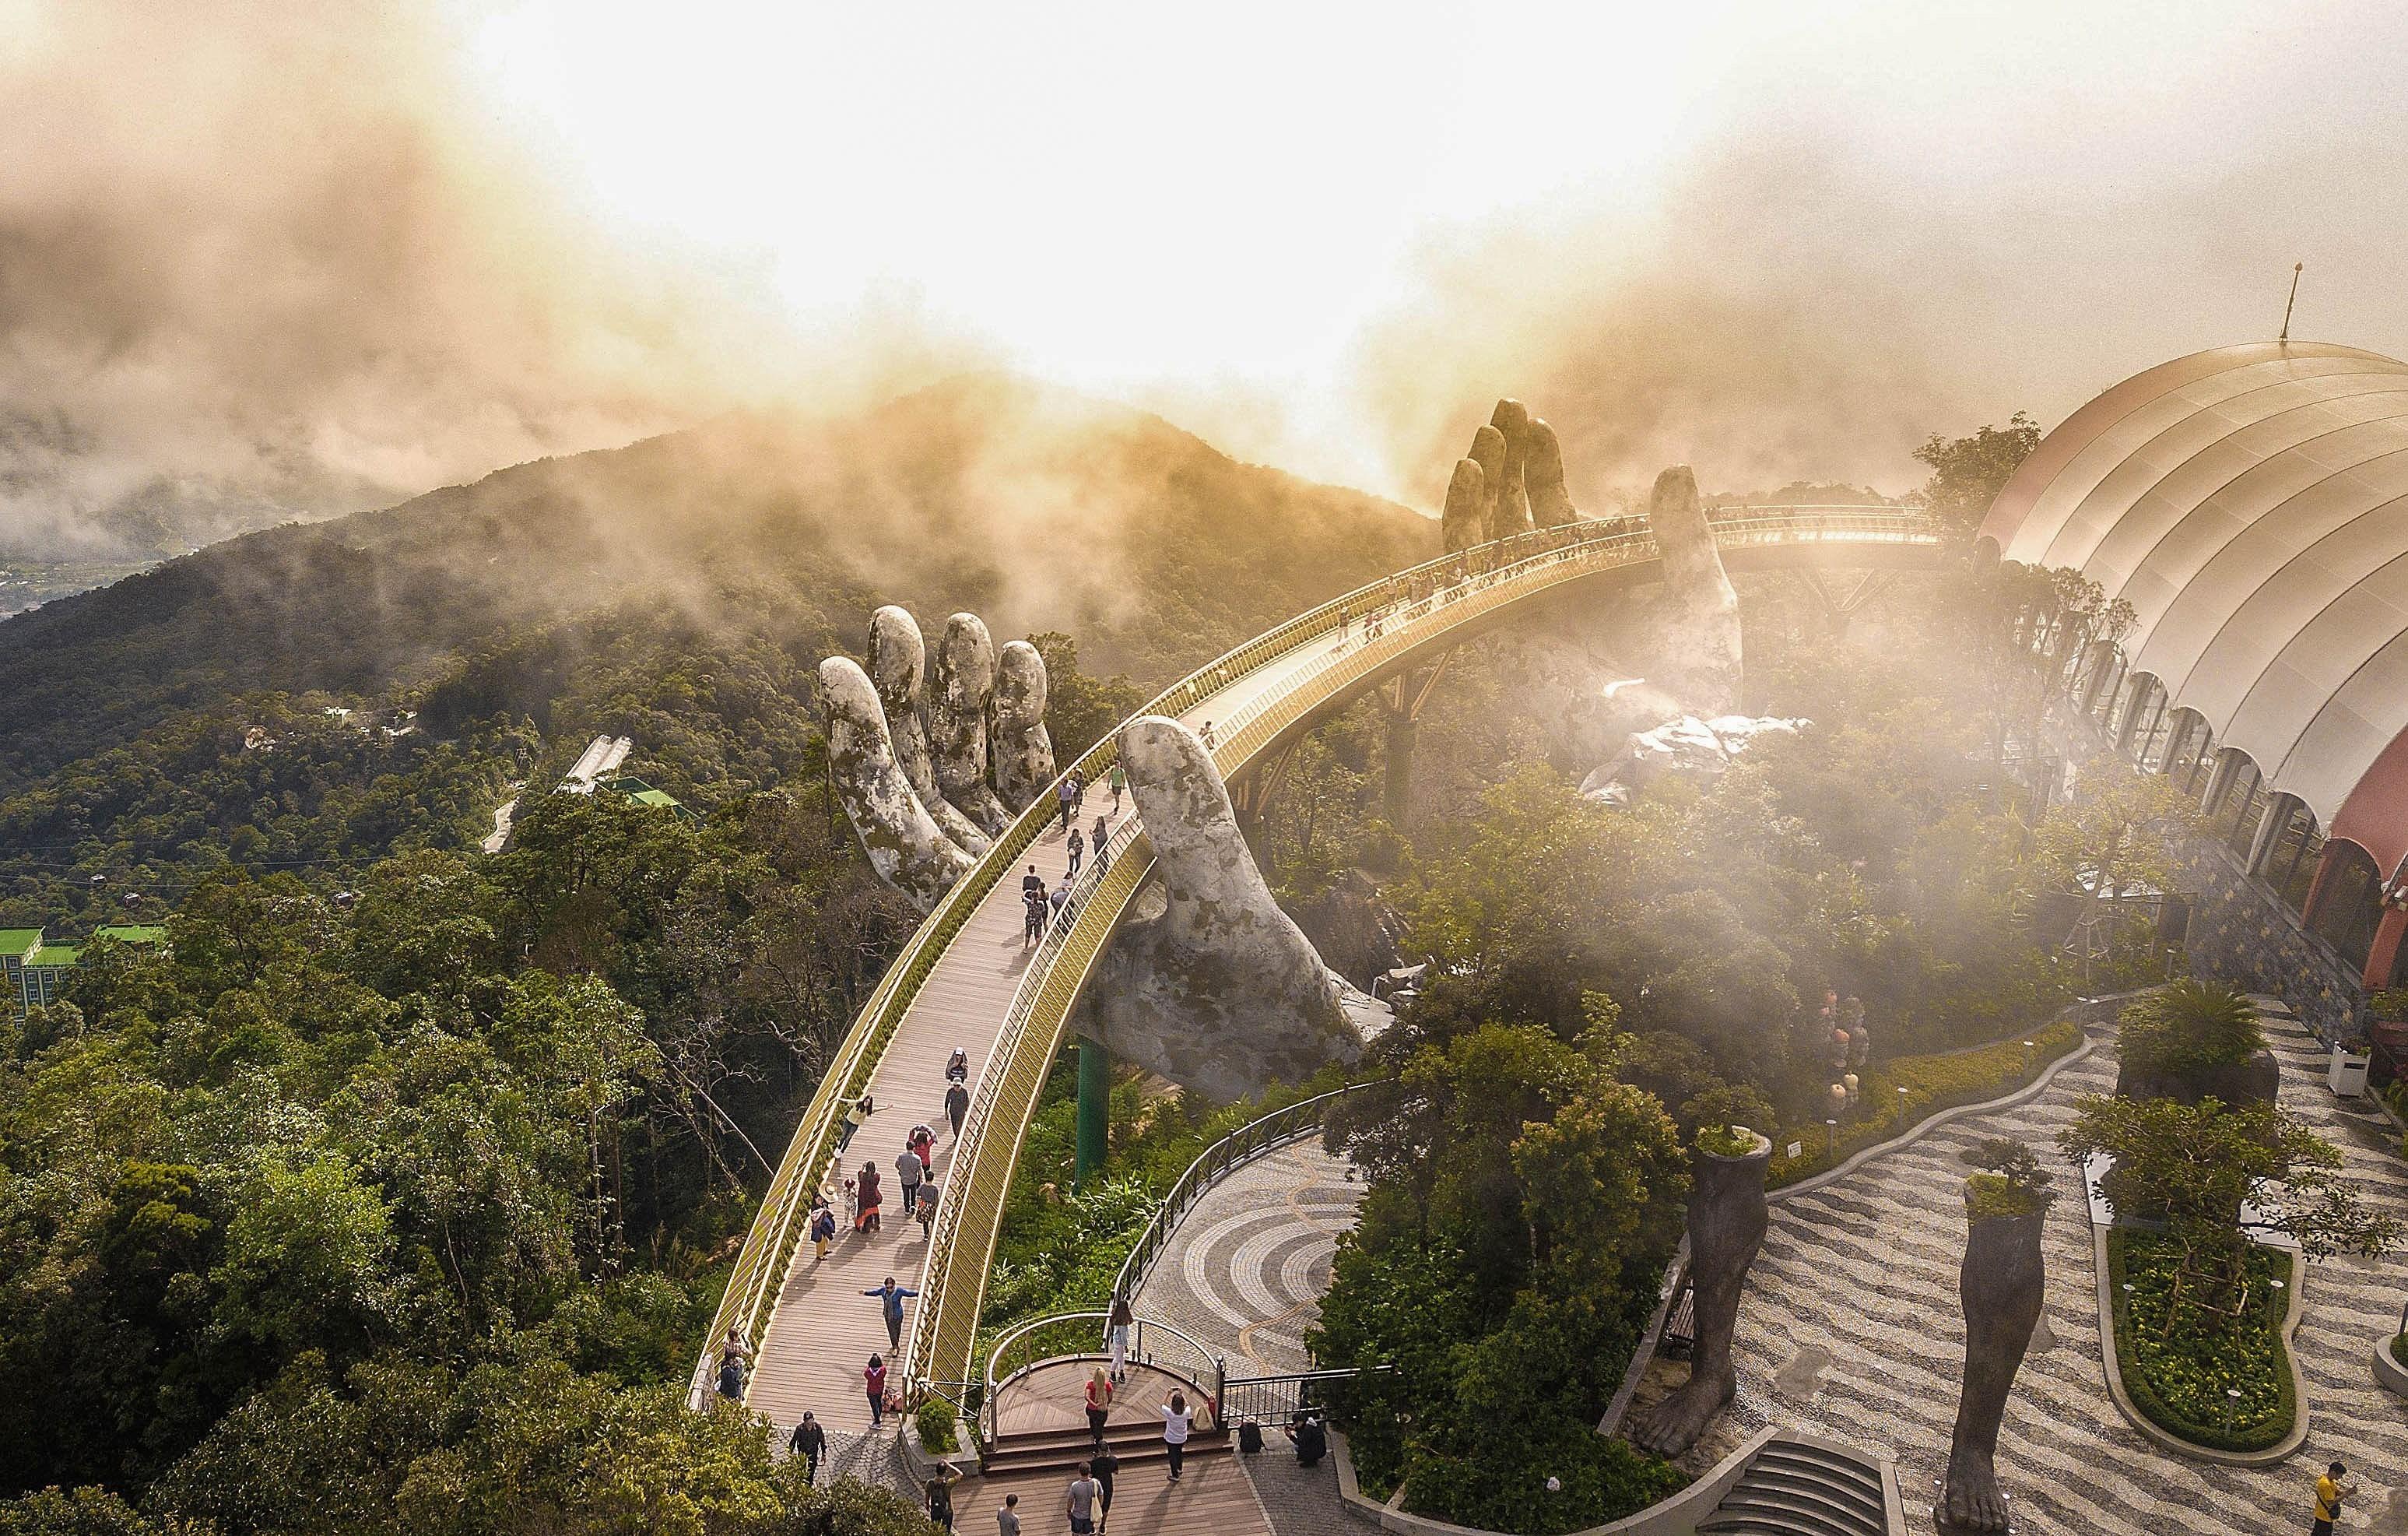 Une ville flottant dans les nuages sur le mont Ba Na hinh anh 7